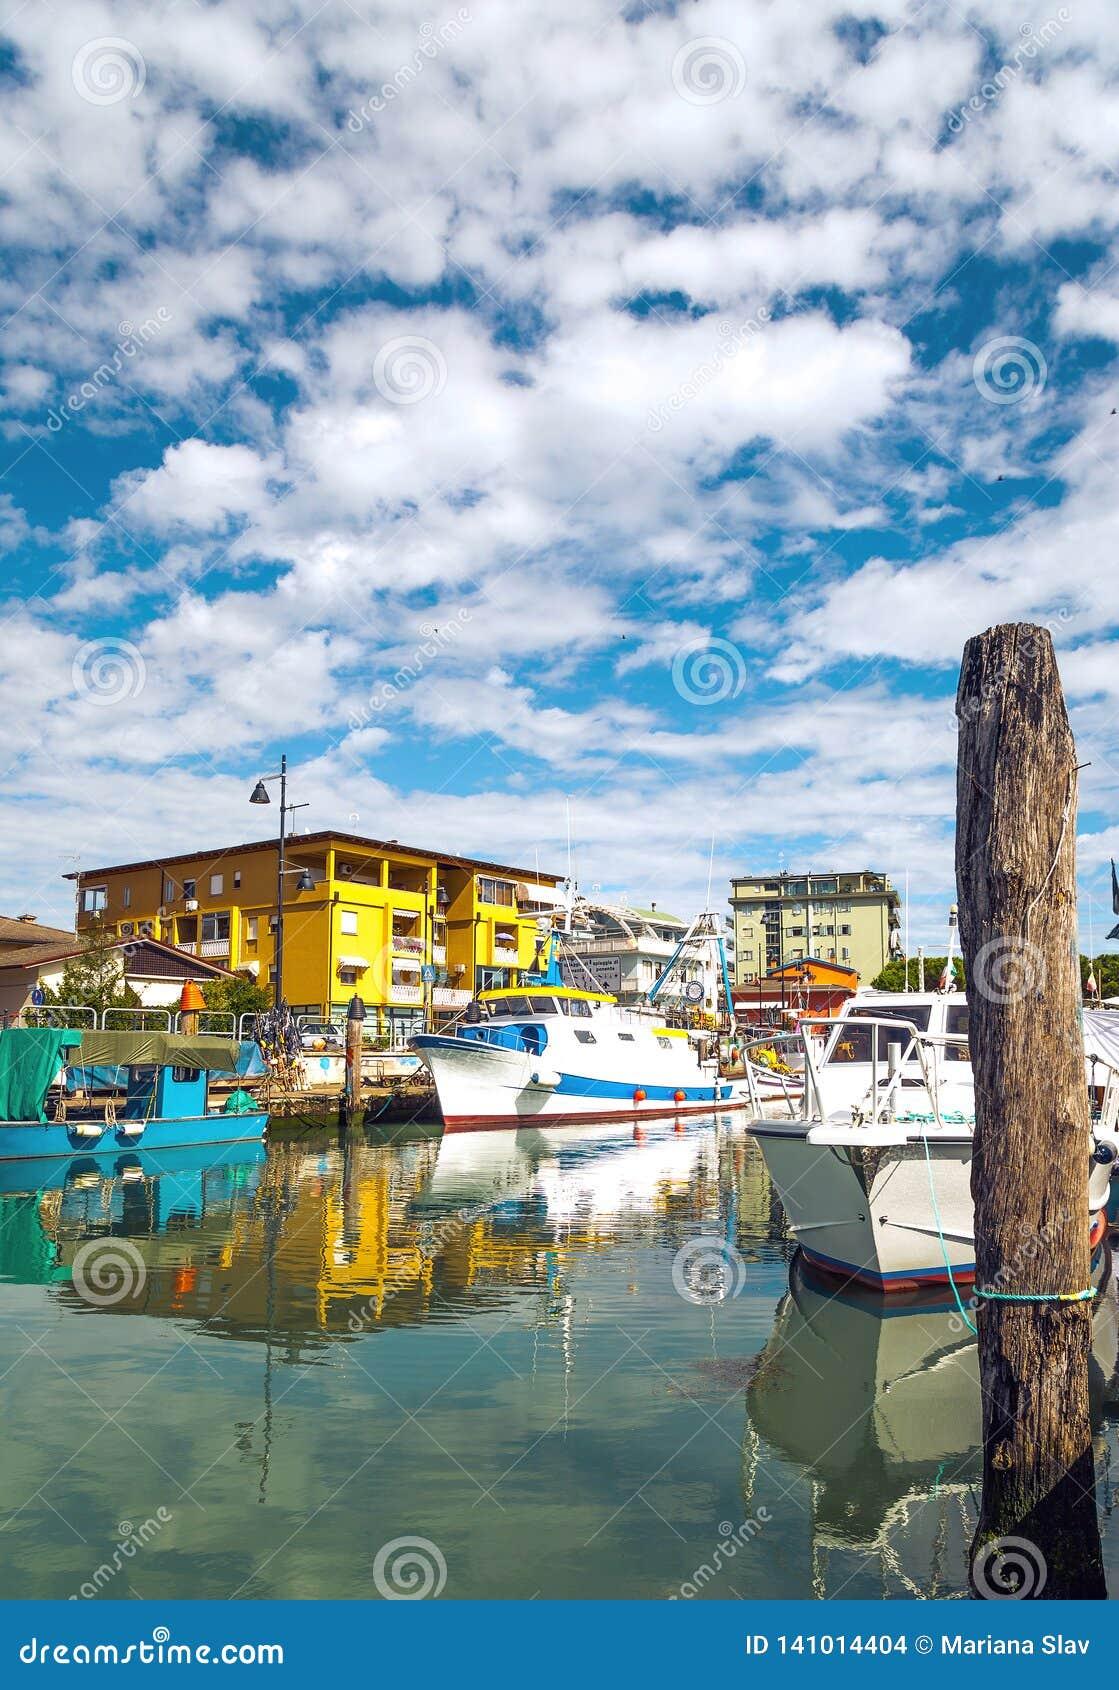 Botas da pesca ao longo da doca em Caorle, Itália MAR DE ADRIÁTICO